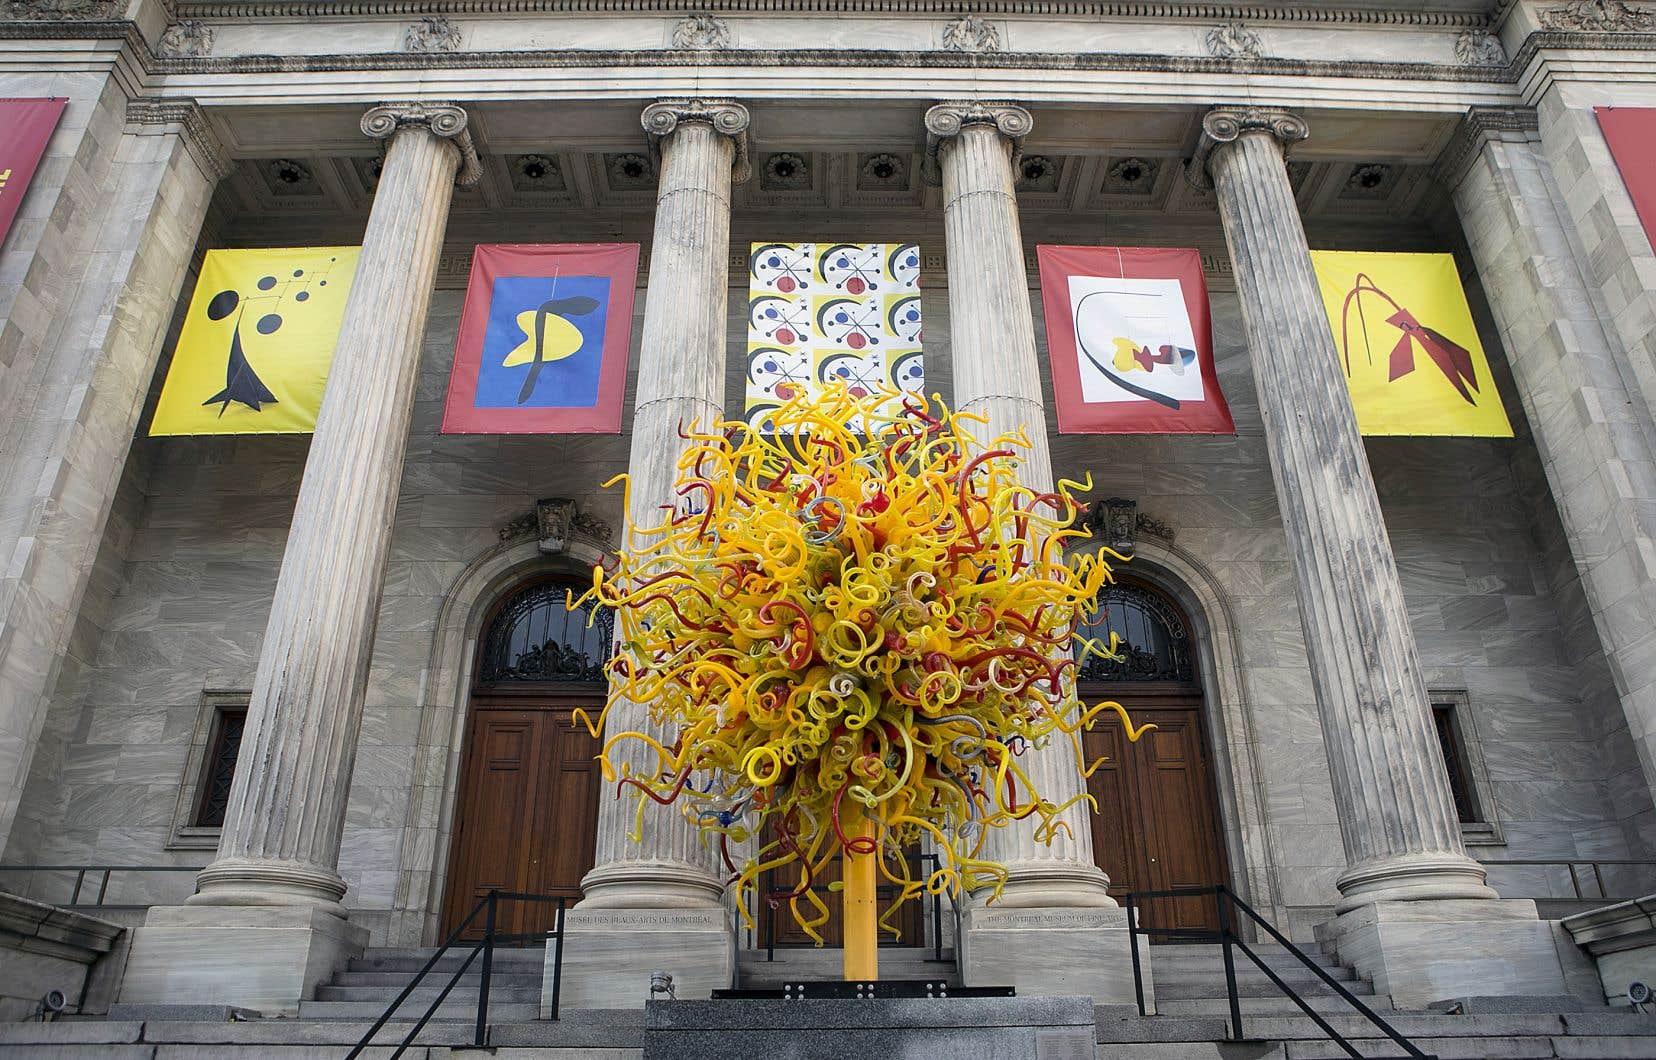 L'amélioration de l'offre en sorties culturelles pour les élèves, qui seront amenés à fréquenter davantage les musées, est au cœur des promesses des quatre partis. Ici, l'œuvre «Le soleil» de Dale Chihuly, devant le Musée des beaux-arts de Montréal.